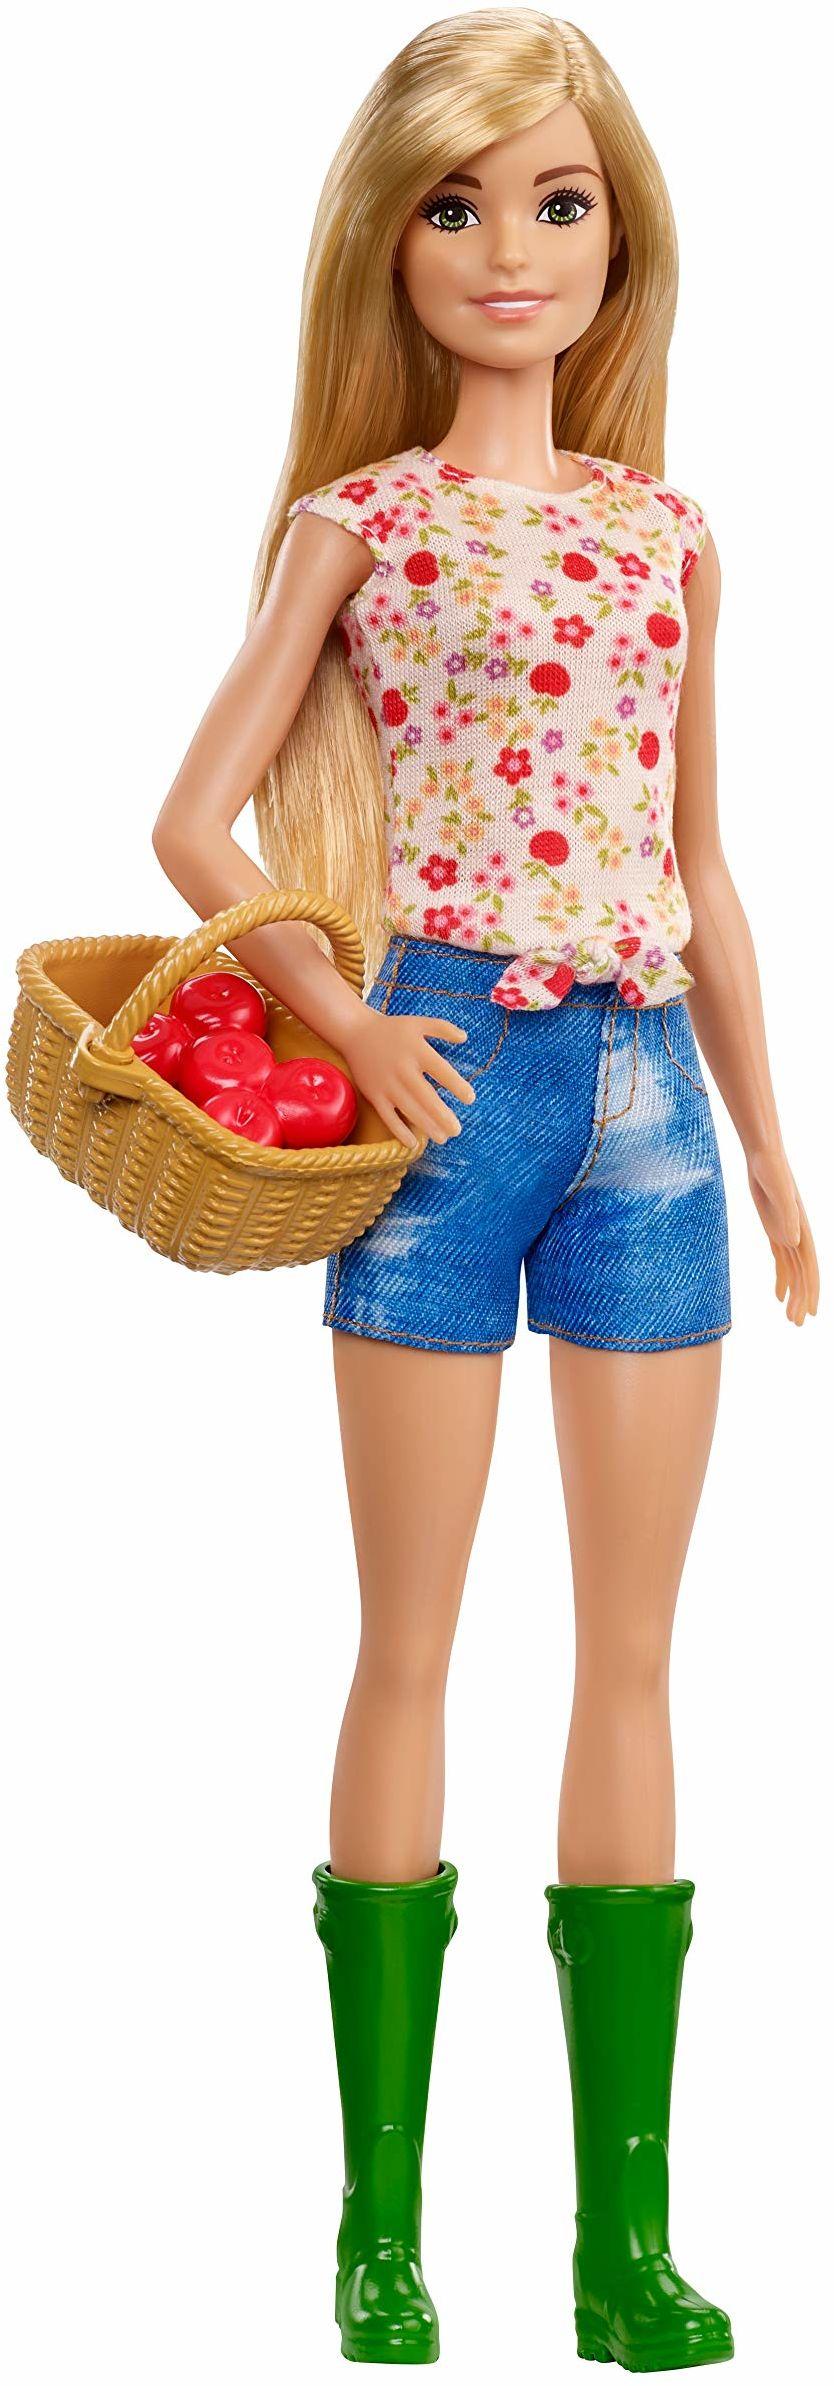 Barbie GCK68 Farm Doll, niebieski